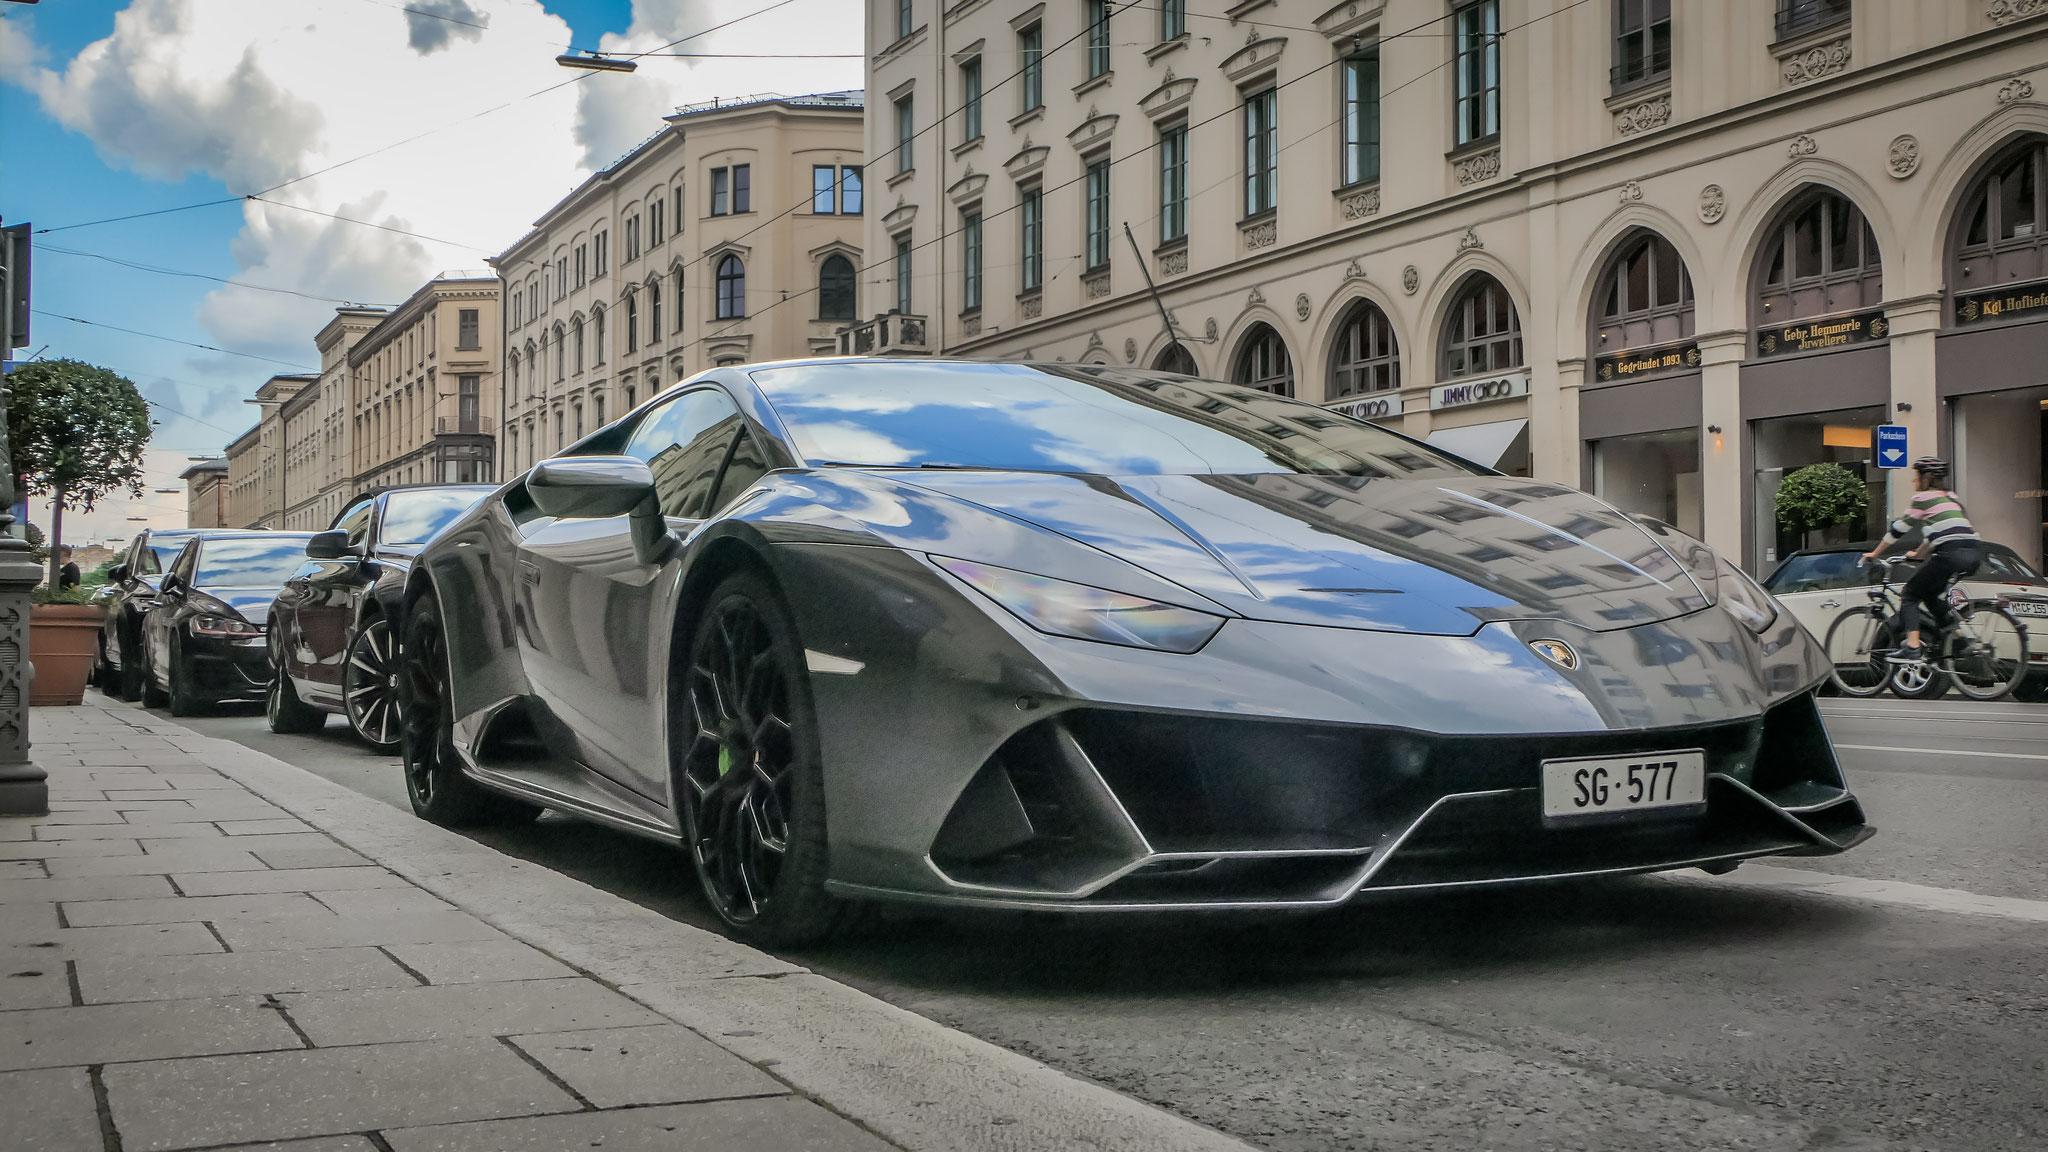 Lamborghini Huracan Evo - SG-577